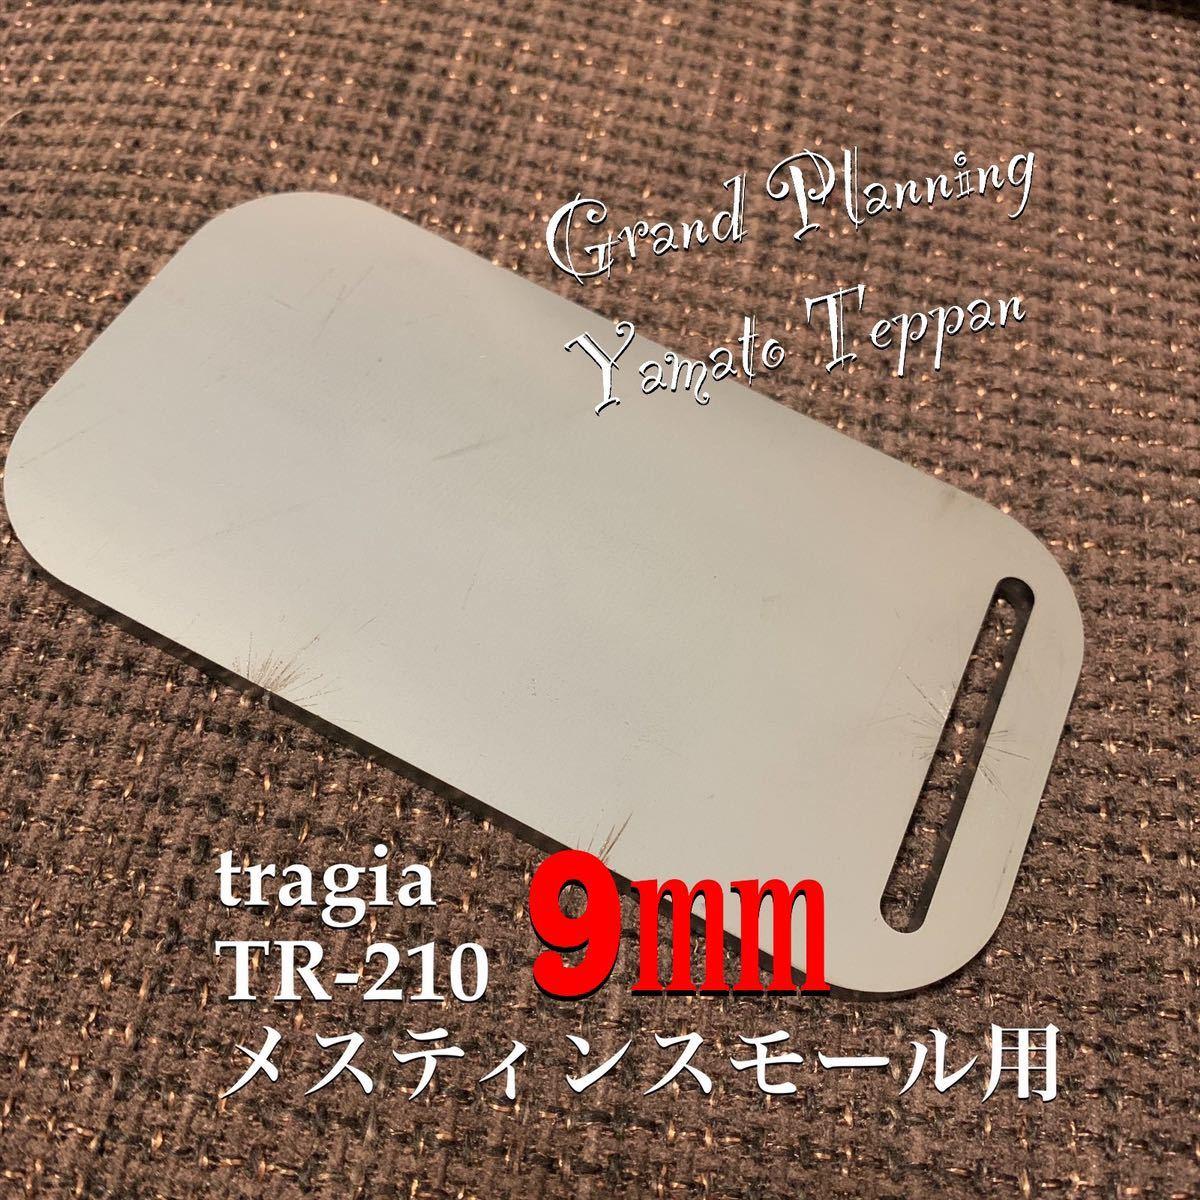 トランギア メスティン スモール 収納 9ミリ 鉄板 オリジナル取手金具 トング ヘラ ベルトループ収納袋ブラウン 大和鉄板